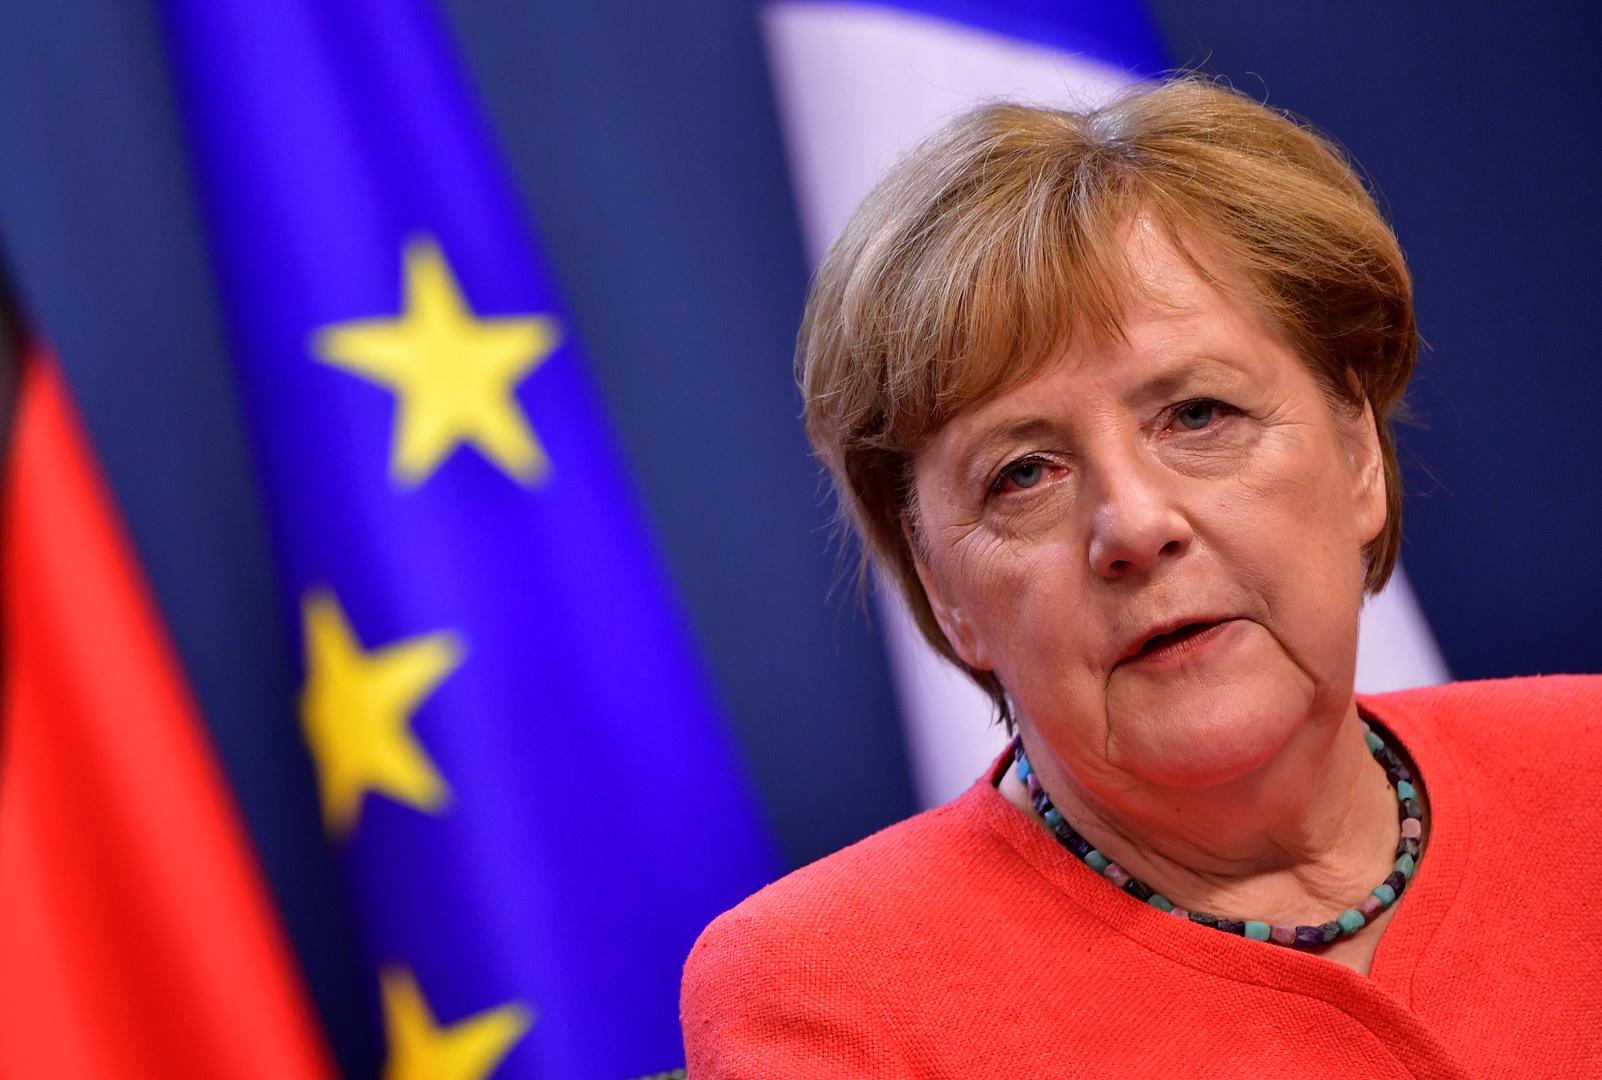 وسائل إعلام: ميركل أوقفت حربا وشيكة بين اليونان وتركيا